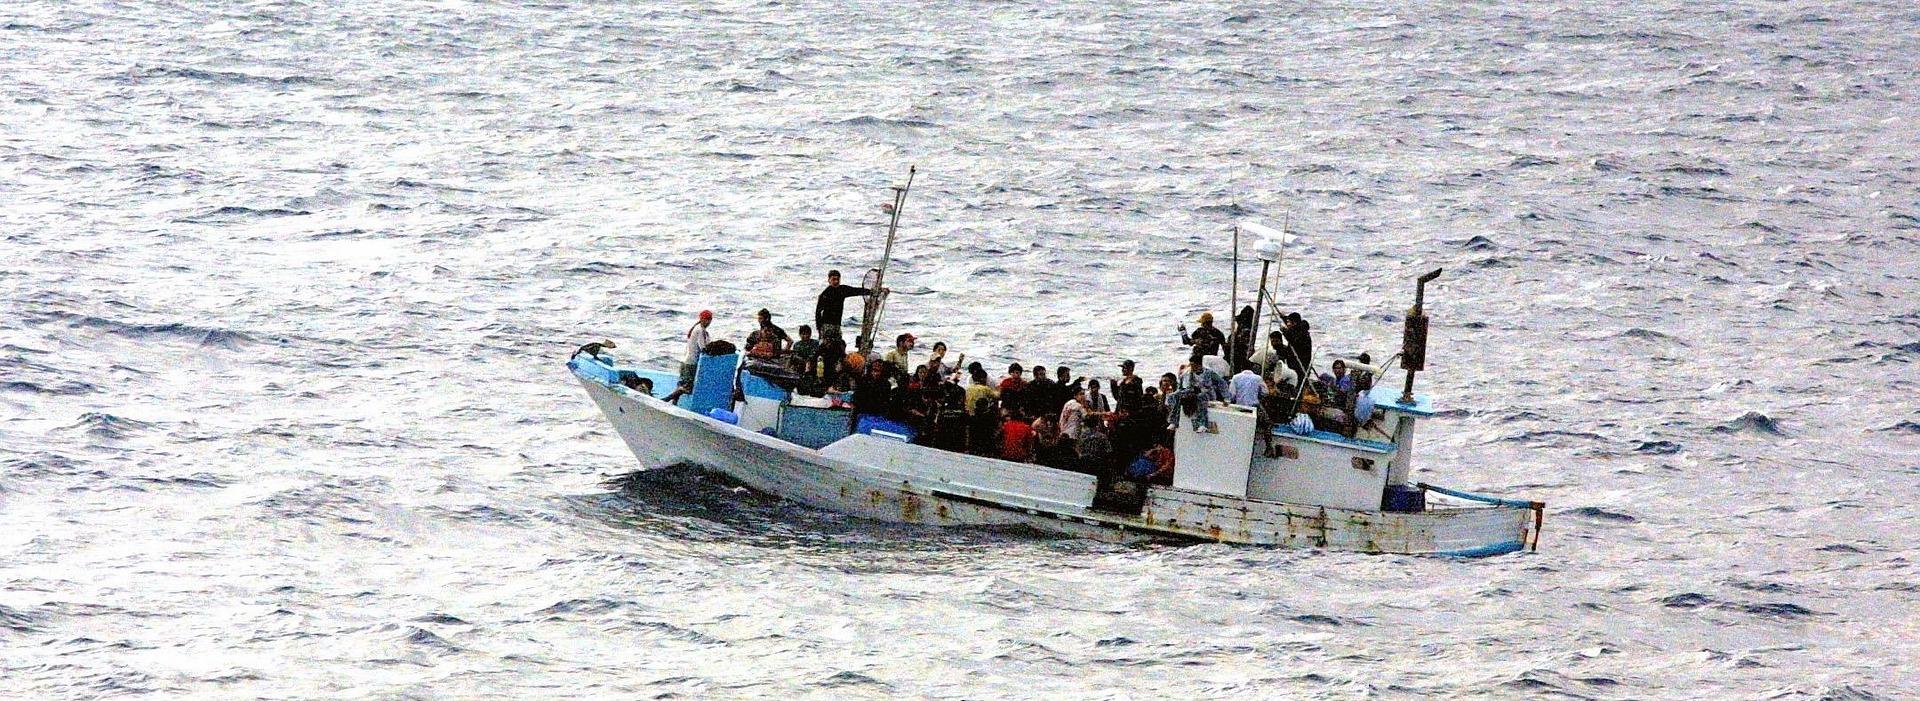 Immigrazione: Il progetto non è l'assistenza indiscriminata